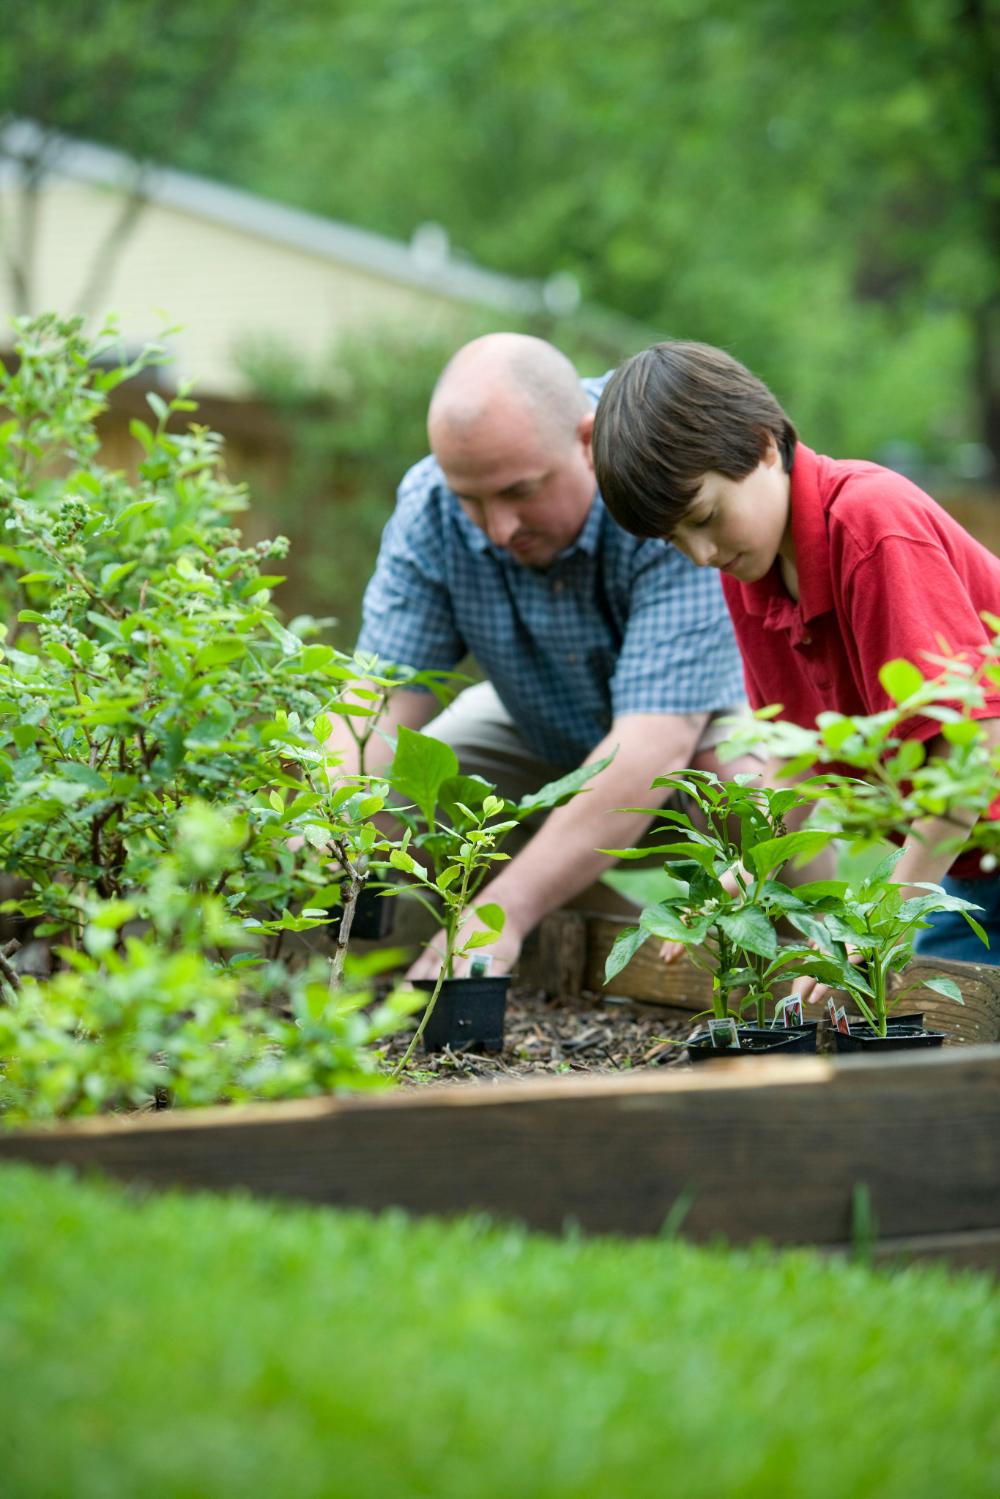 How to get kids gardening?